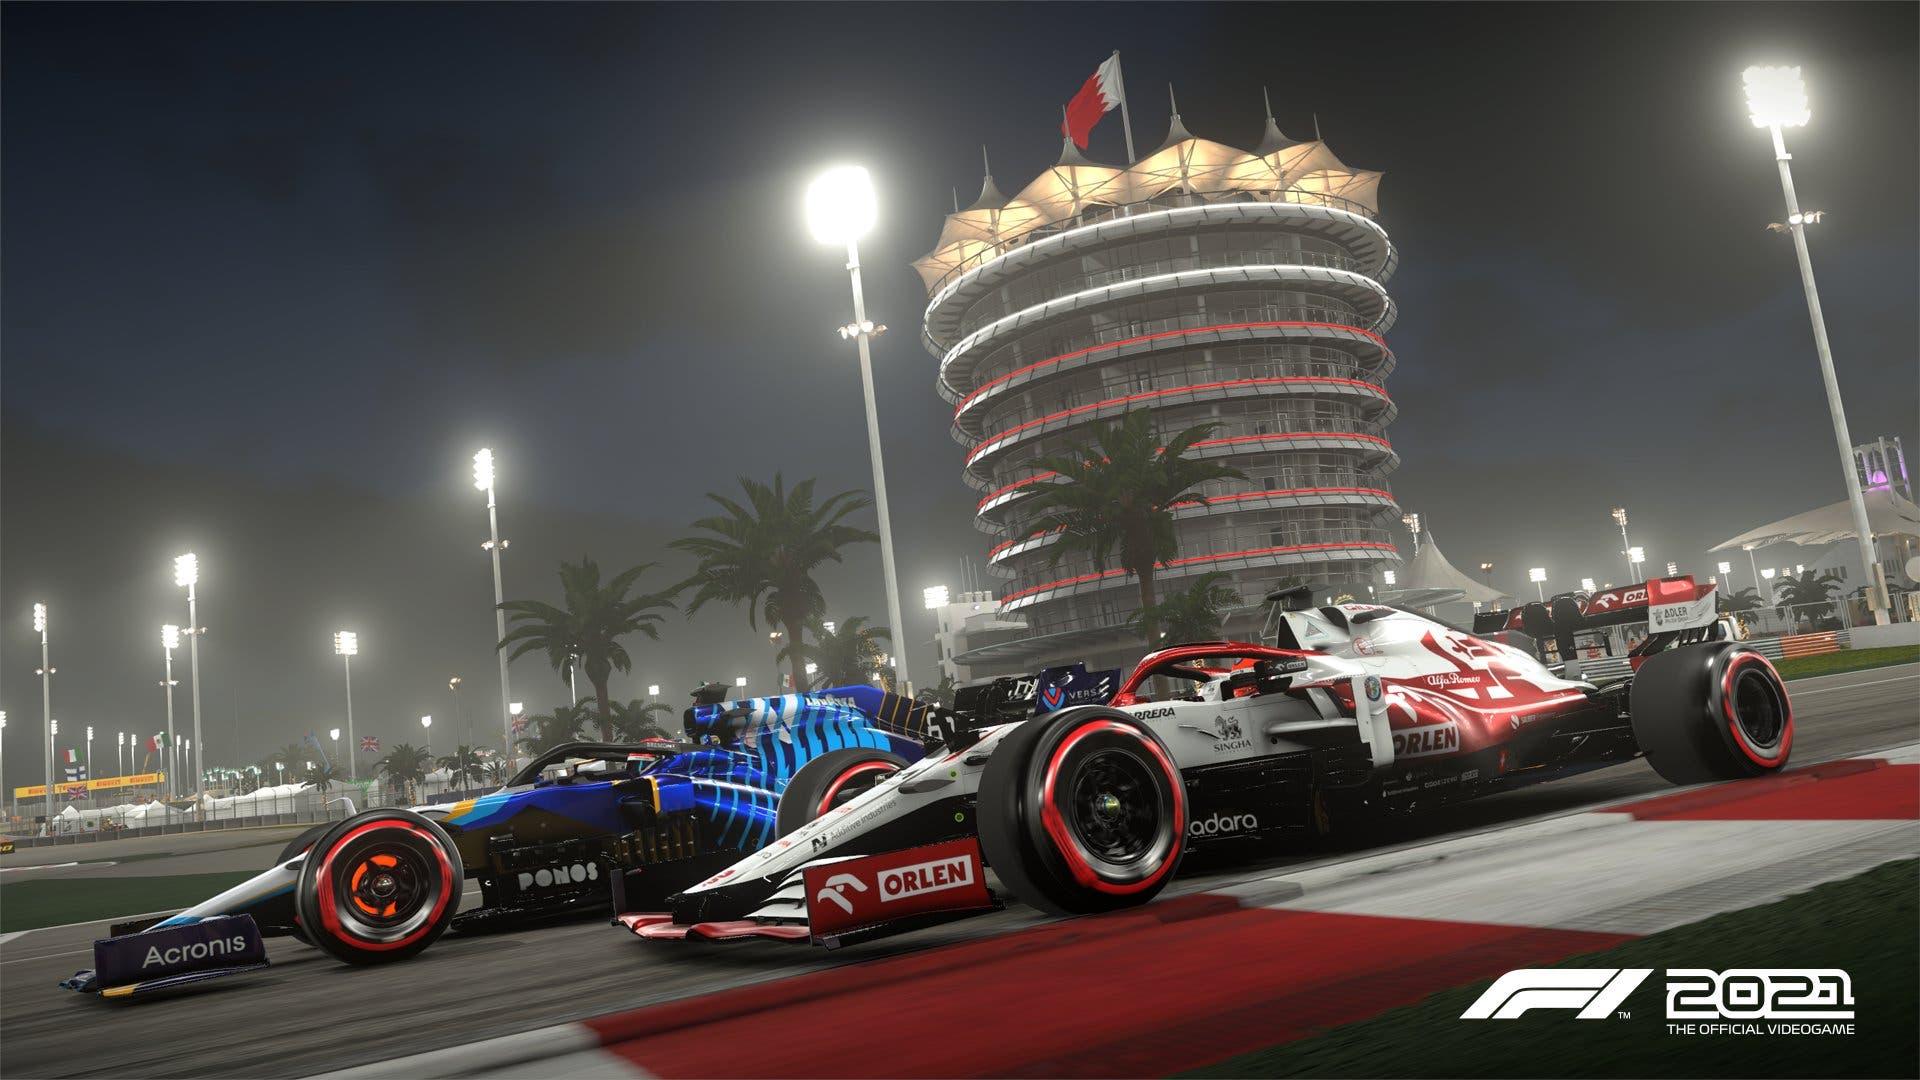 f1-2021-official-screenshot-2 Découvrez les premières images de F1 2021!